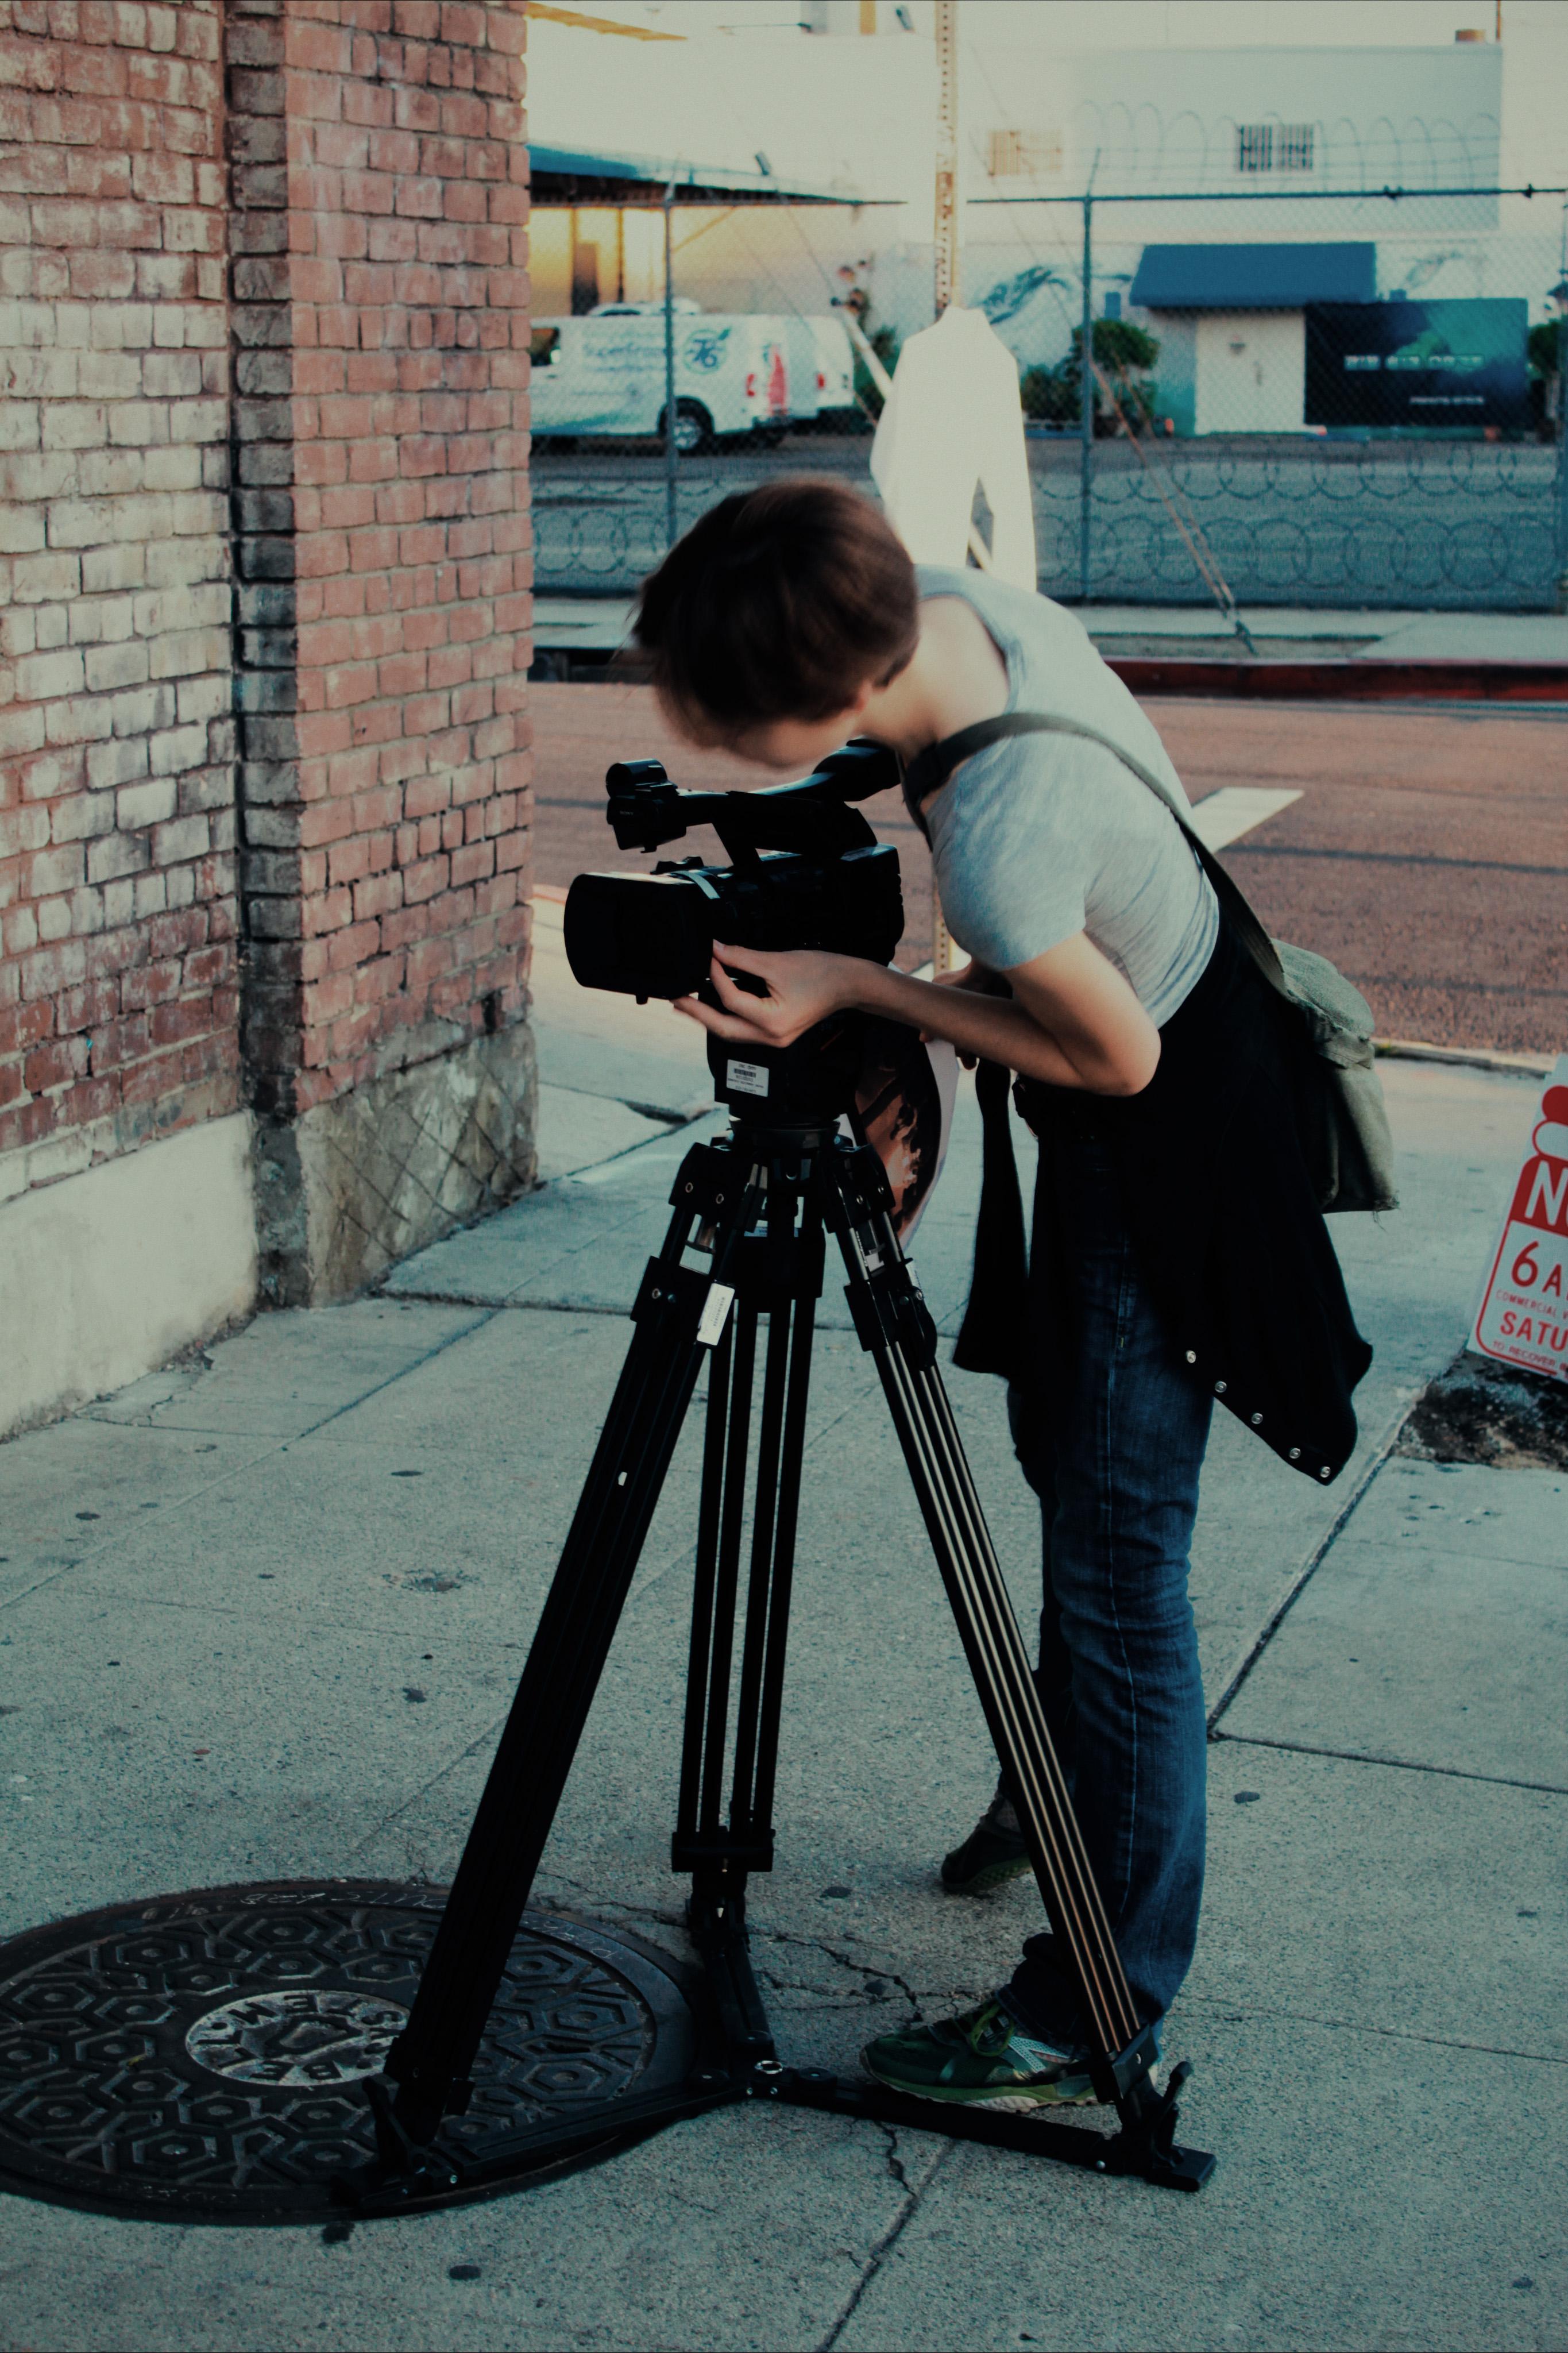 Cinematographer Emma Huibregtse